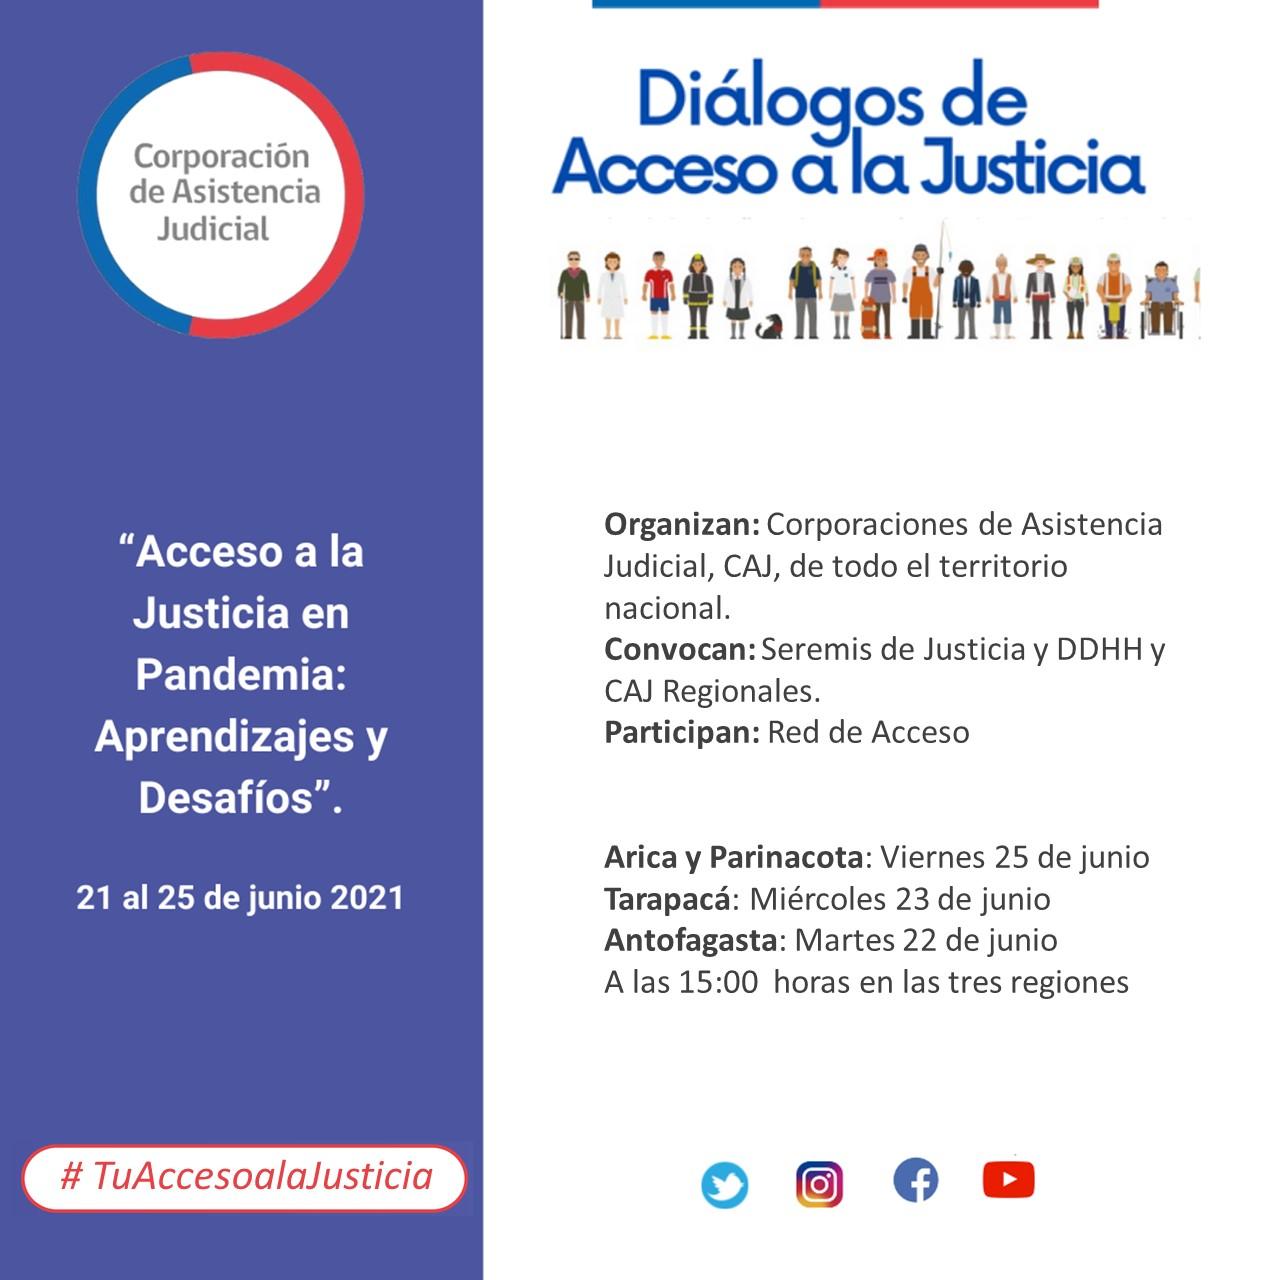 Diálogos de Acceso a la Justicia